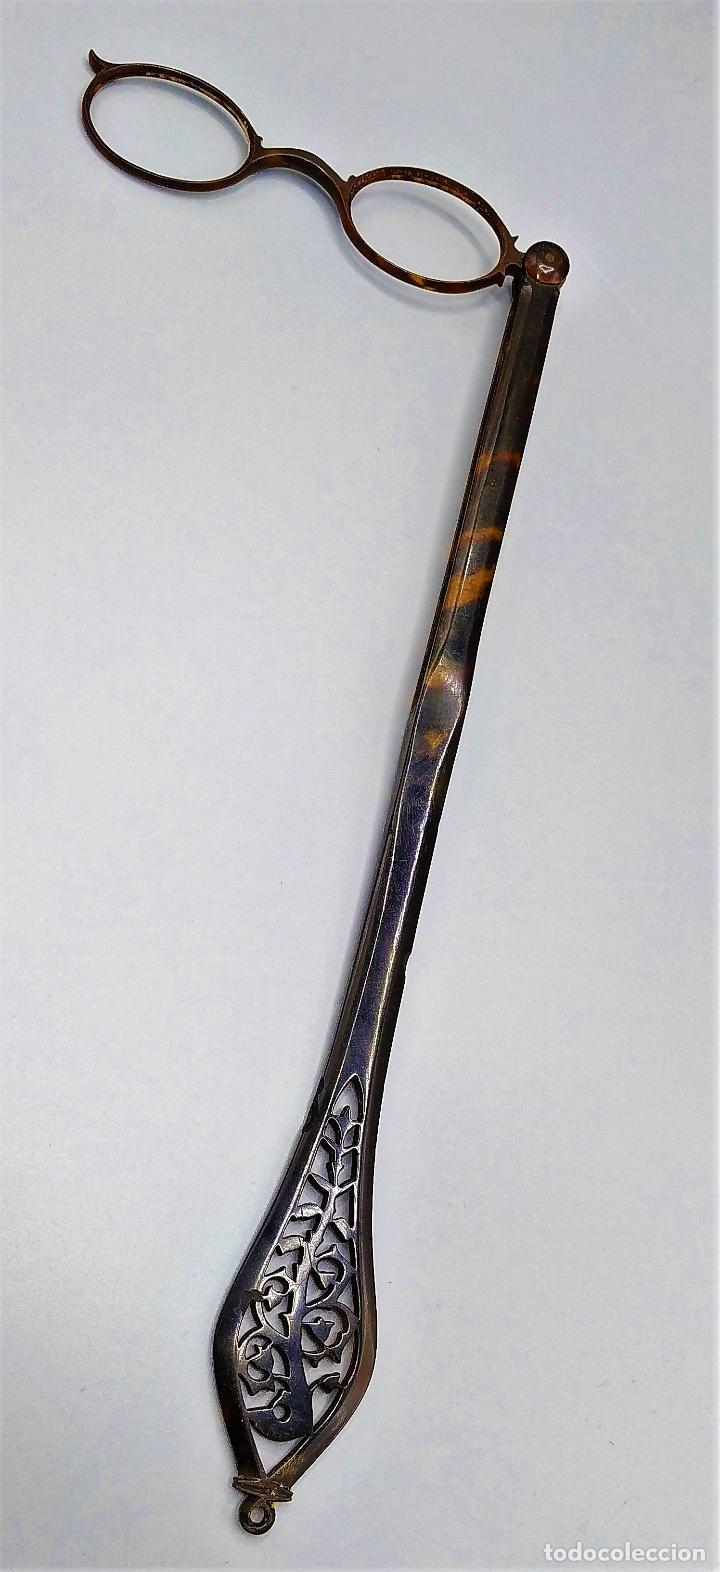 IMPERTINENTES. PLEGABLES. CAREY TALLADO. ESPAÑA. SIGLO XIX (Antigüedades - Técnicas - Instrumentos Ópticos - Gafas Antiguas)